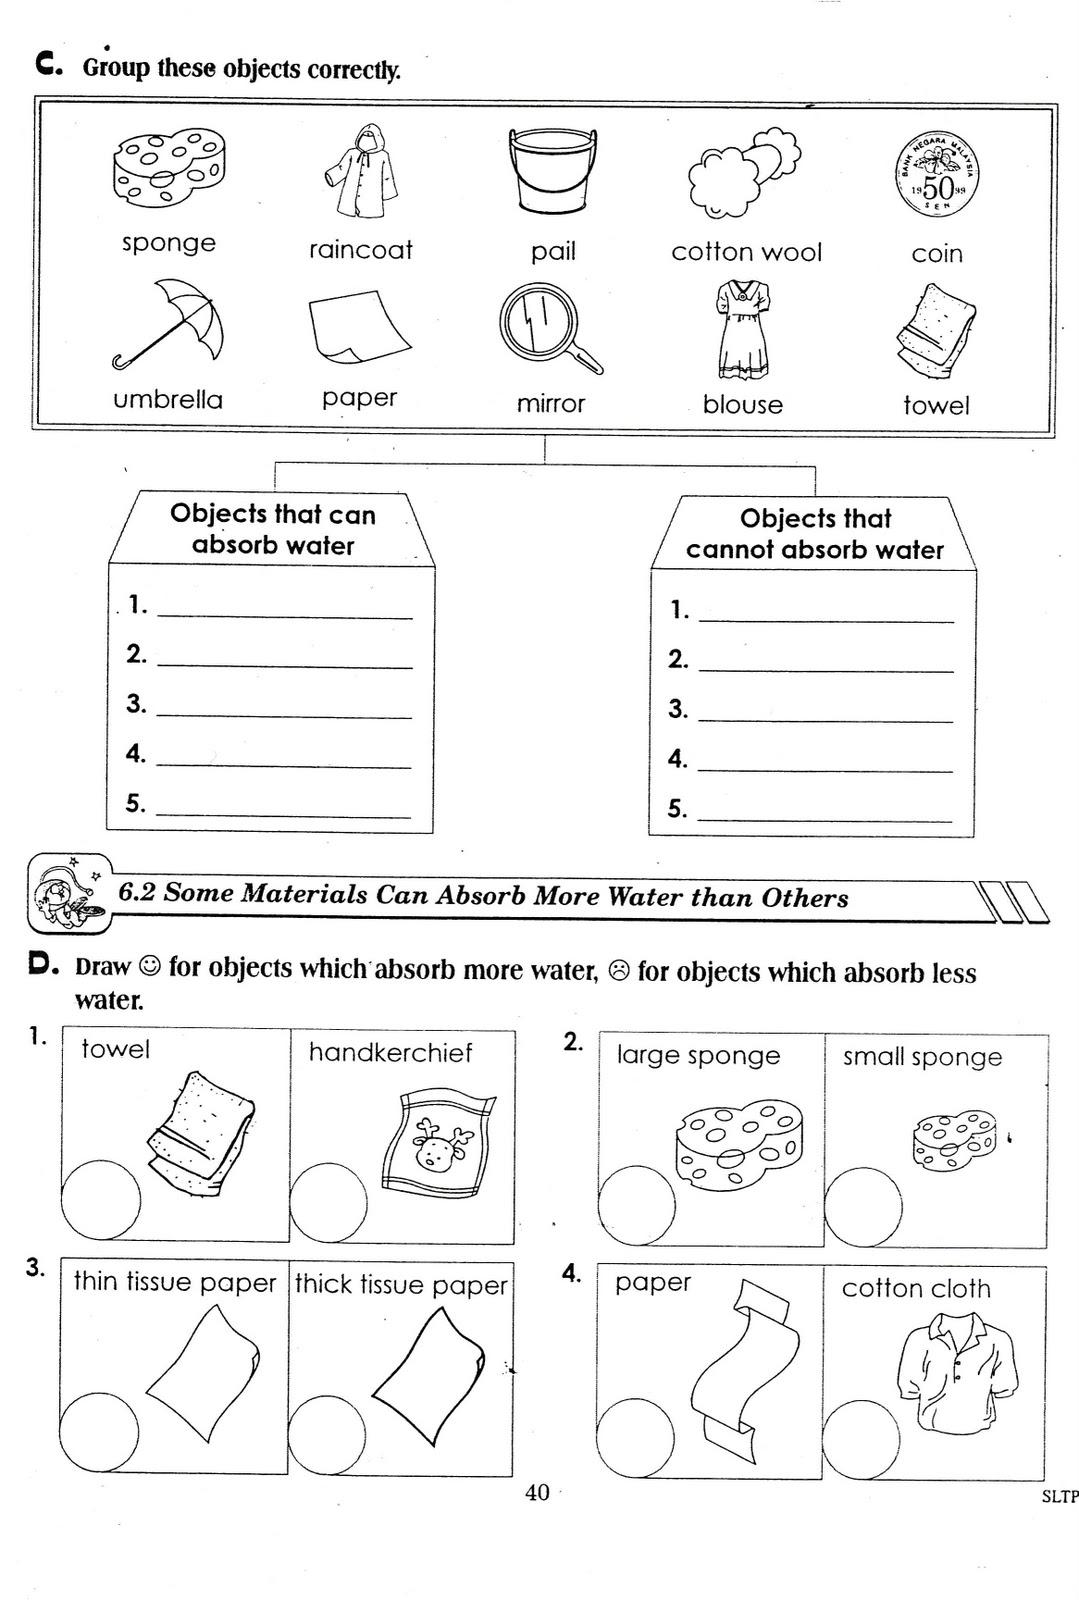 New Science Variables Worksheet 5th Grade Rpplusplus